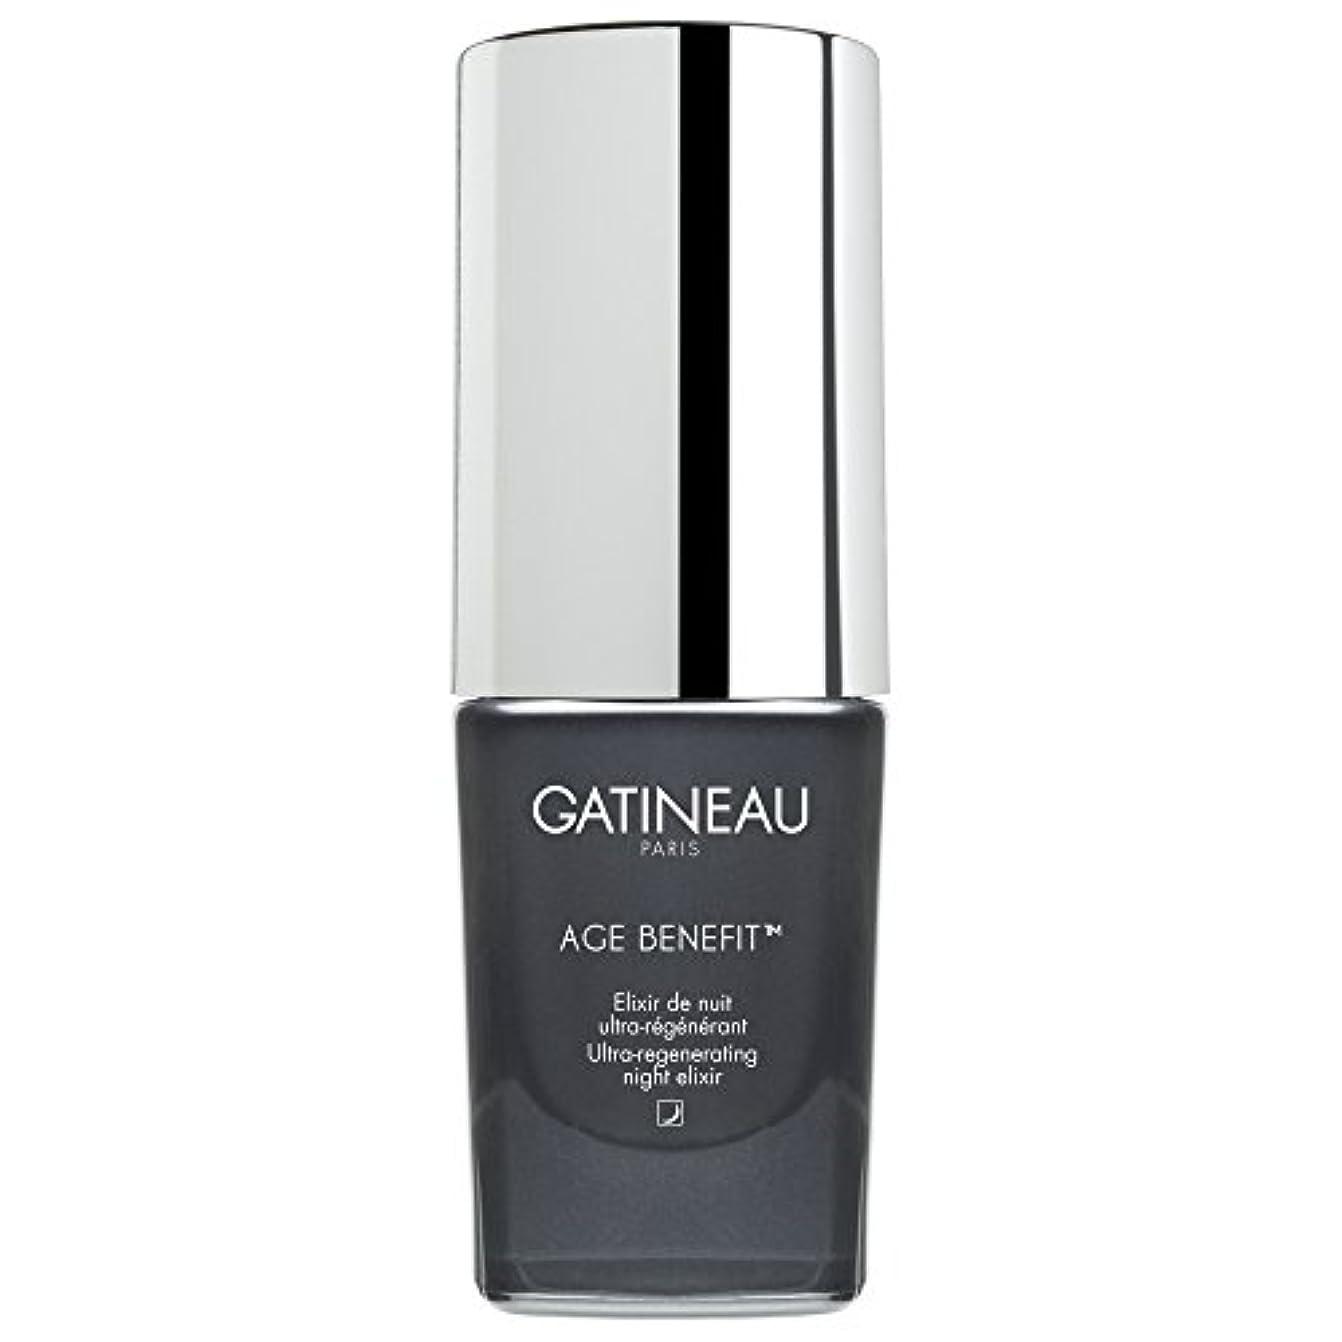 強打先住民誇張するガティノー年齢給付超再生夜のエリクシルの15ミリリットル (Gatineau) - Gatineau Age Benefit Ultra-Regenerating Night Elixir 15ml [並行輸入品]